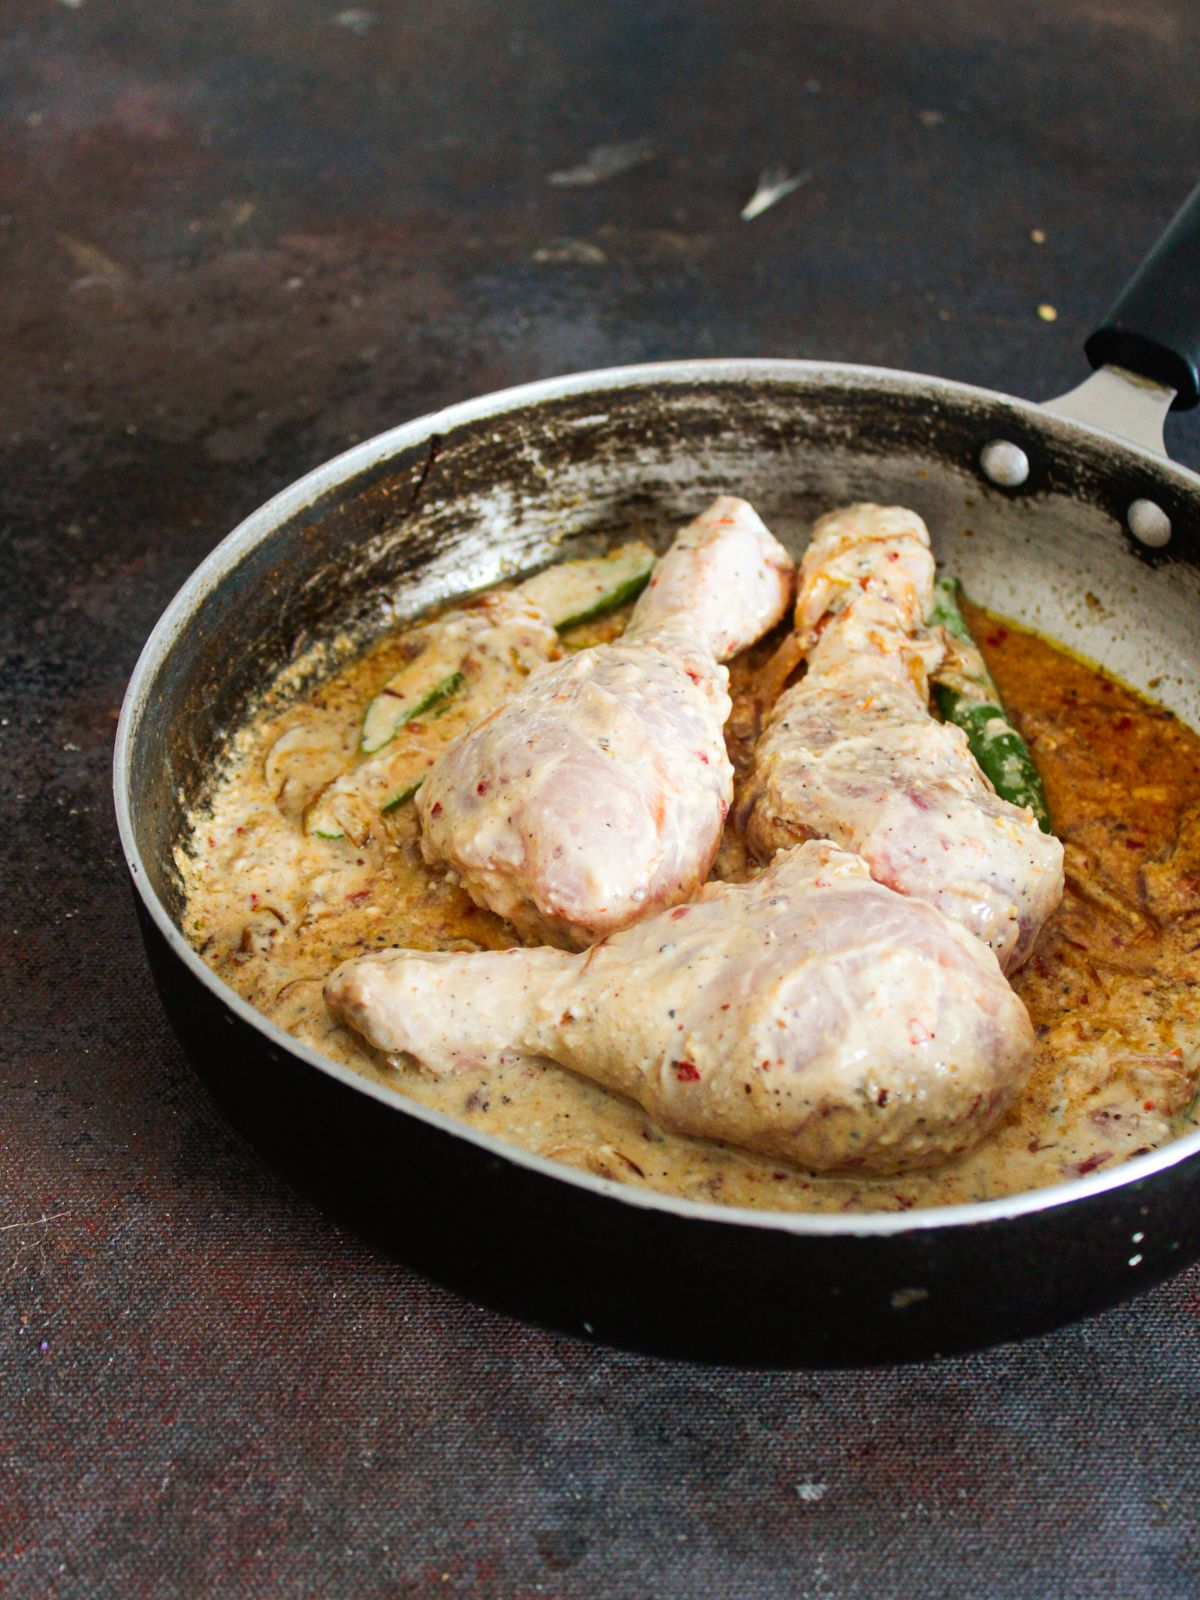 raw chicken legs in sauce in skillet